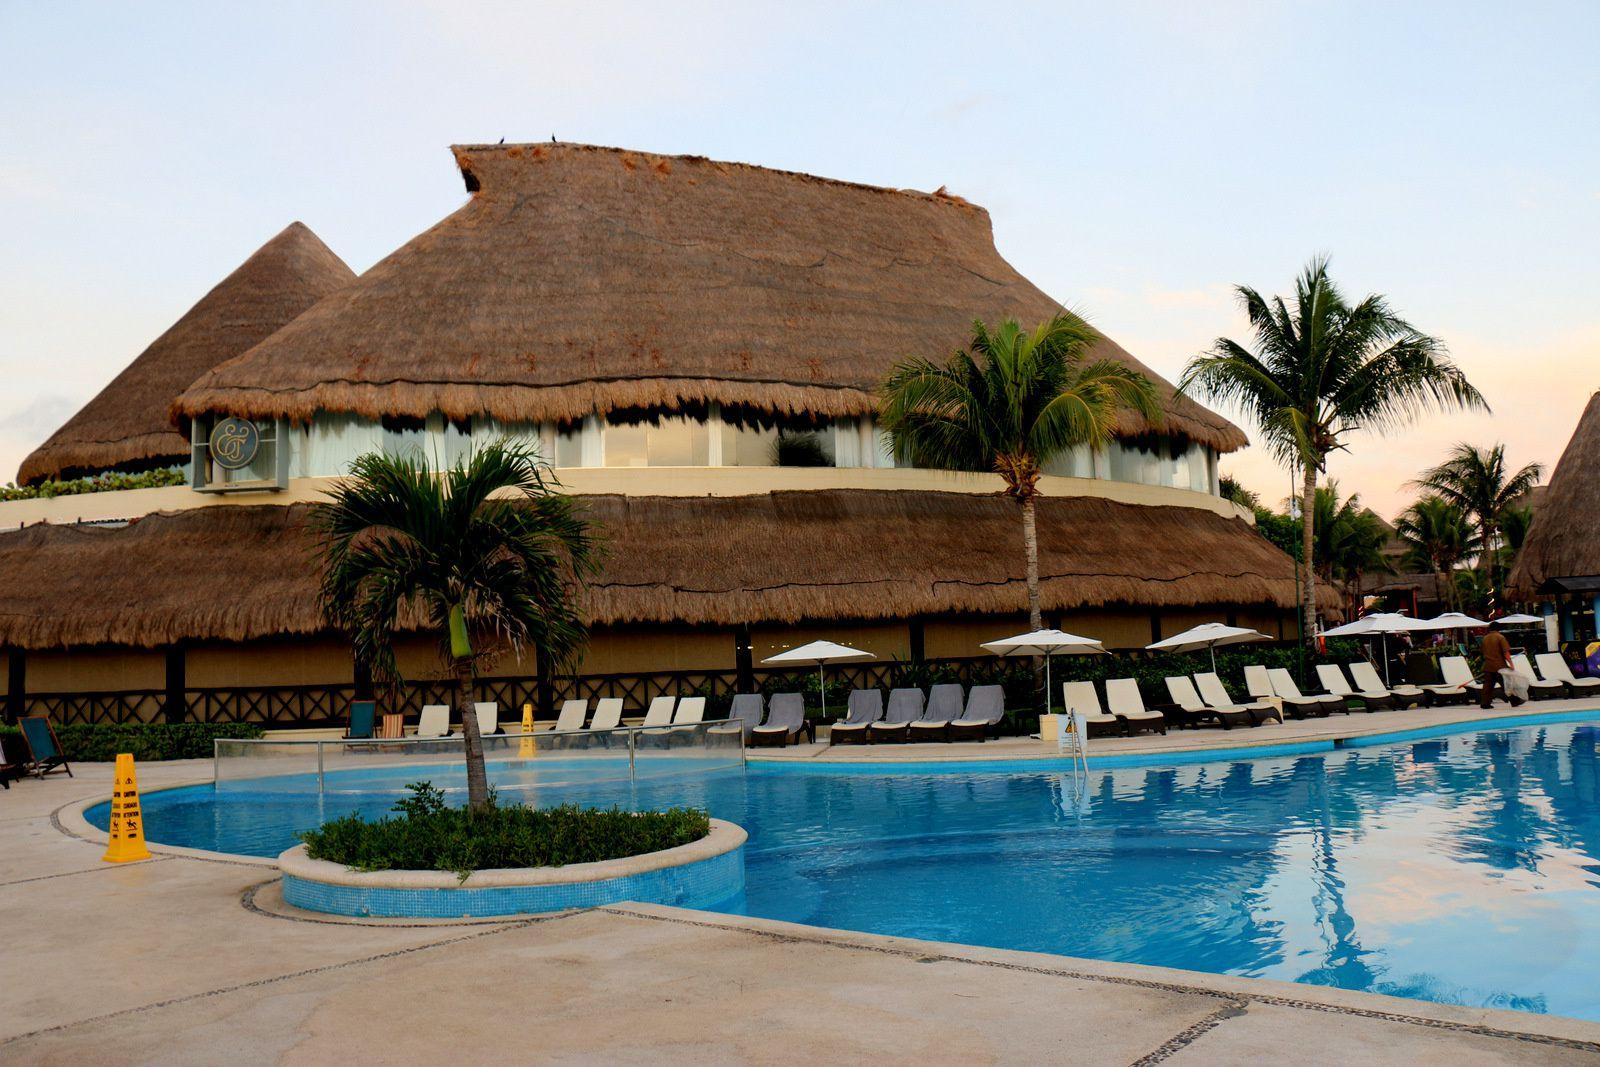 Plages et piscines du Catalonia Riviera Playa, Mexique